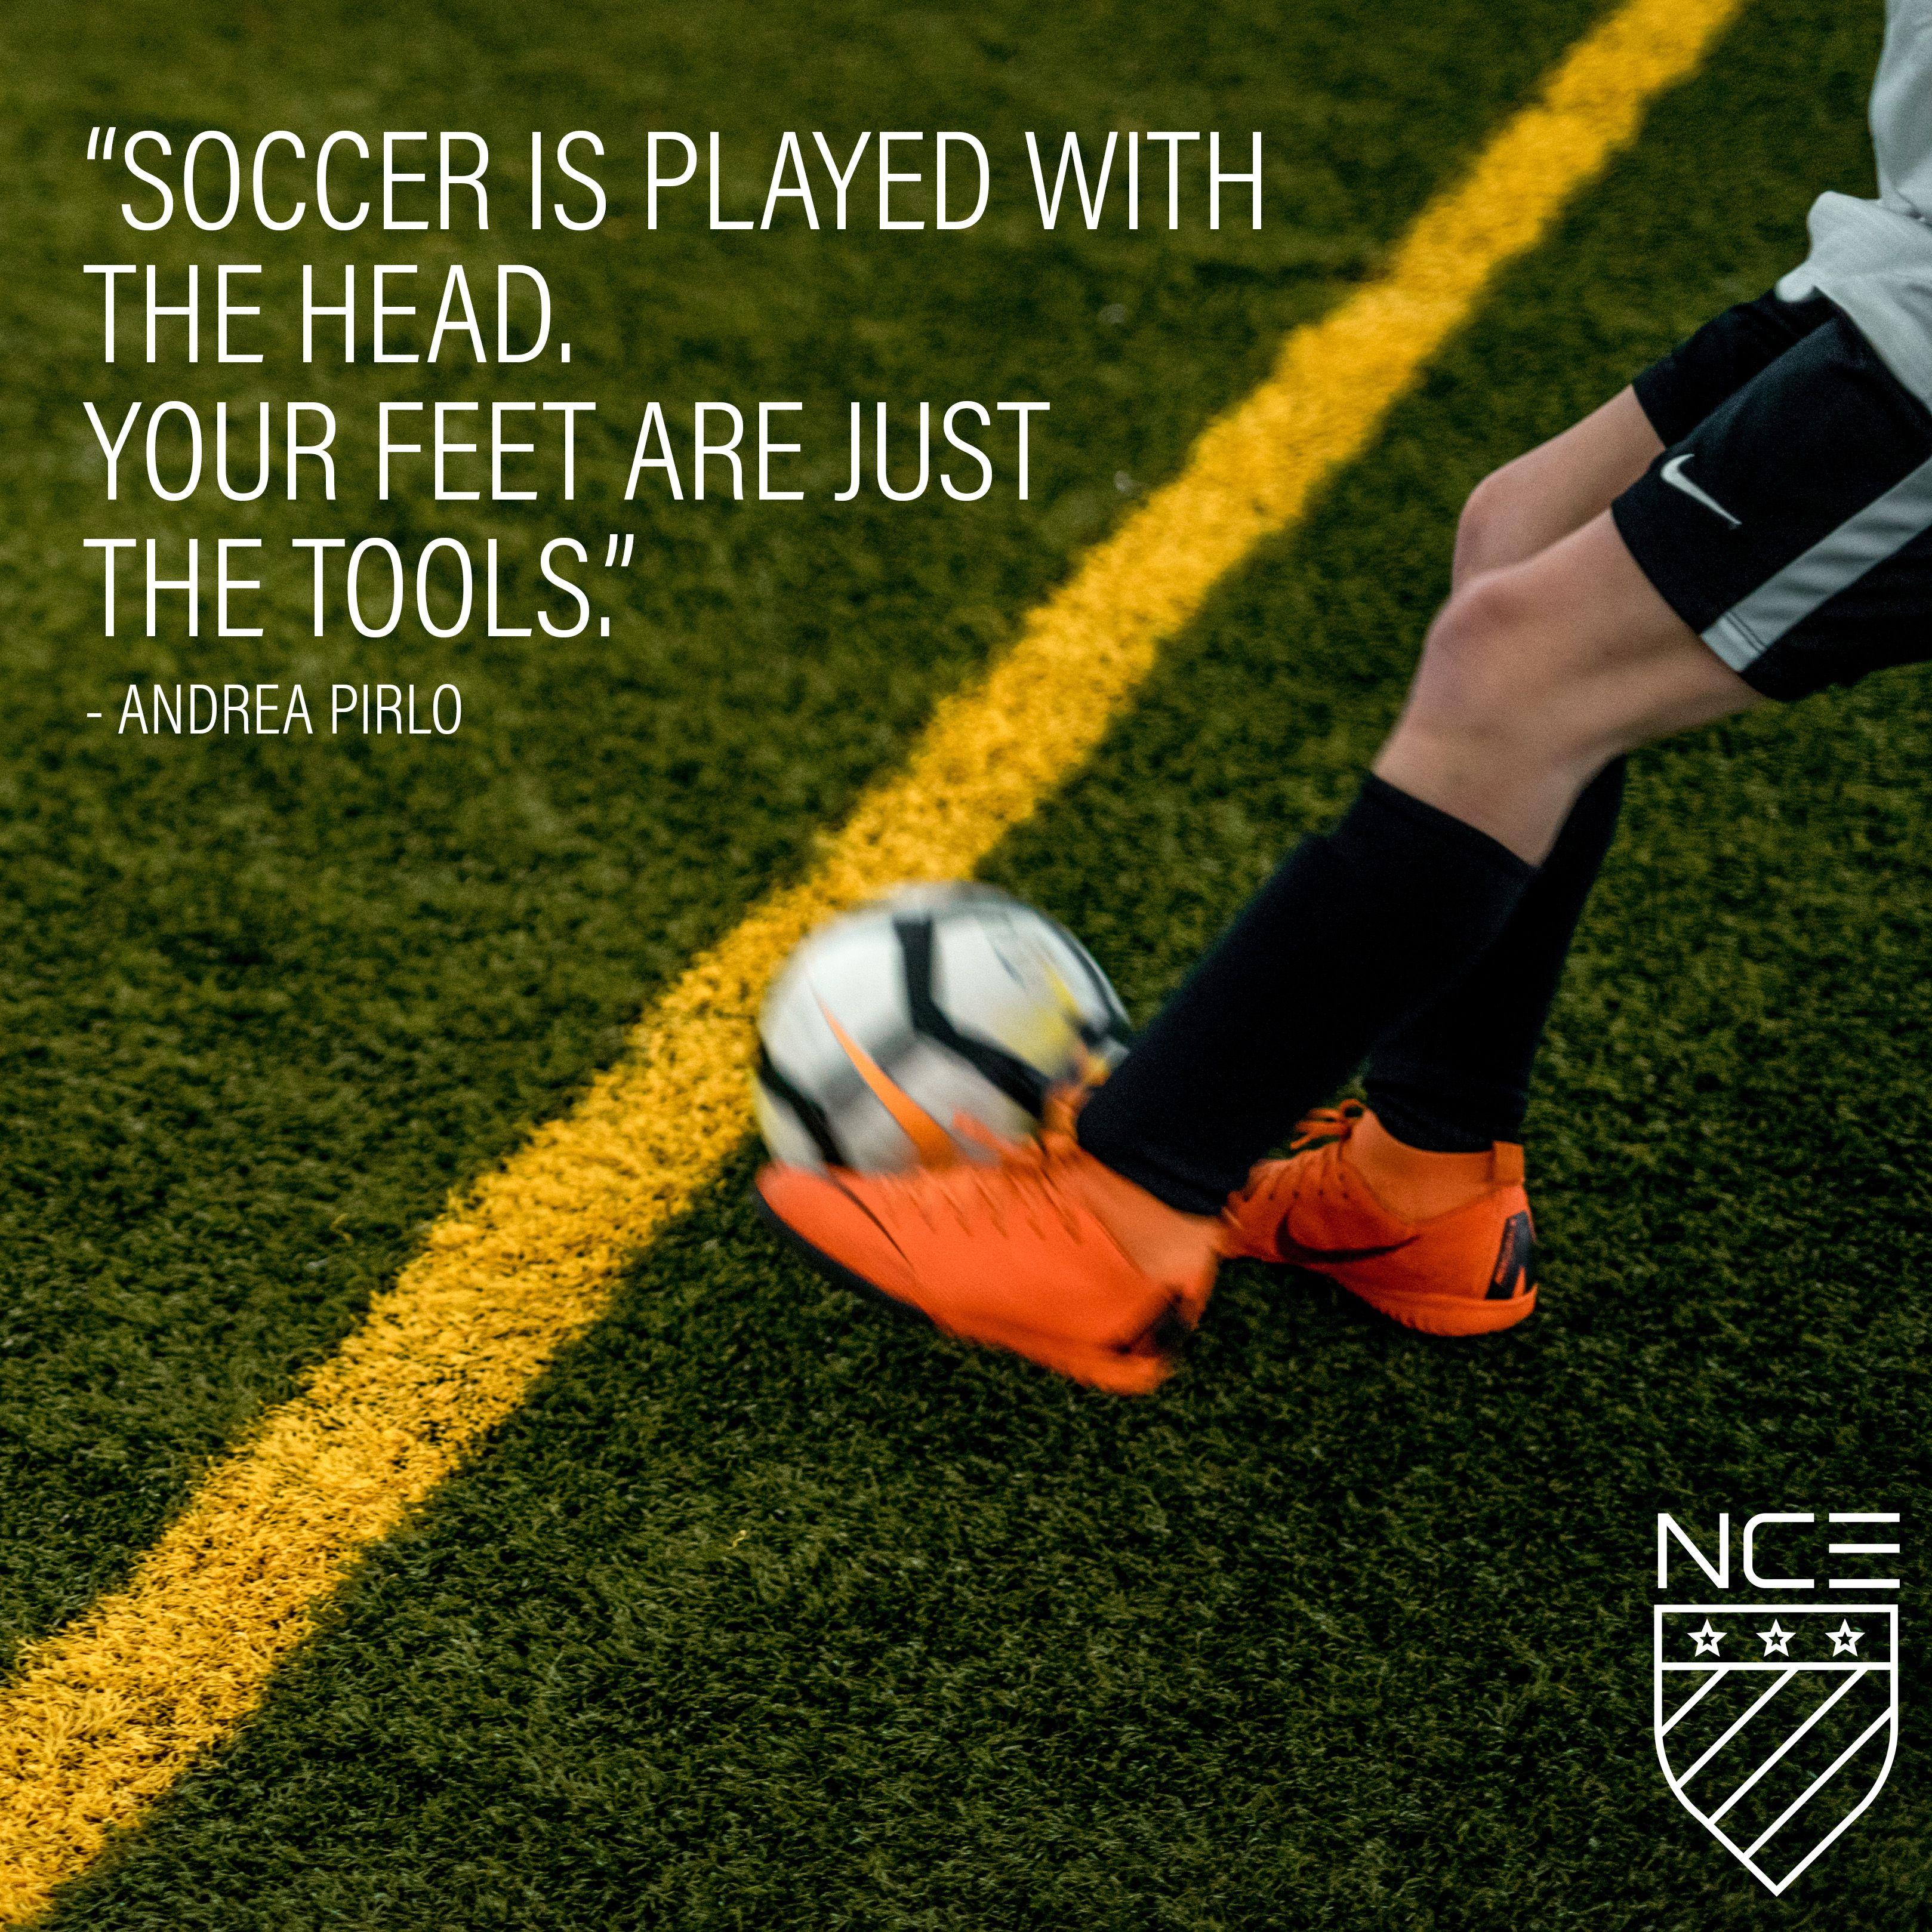 Andrea Pirlo Quote Nce Soccer Andrea Pirlo Pirlo Quotes Soccer